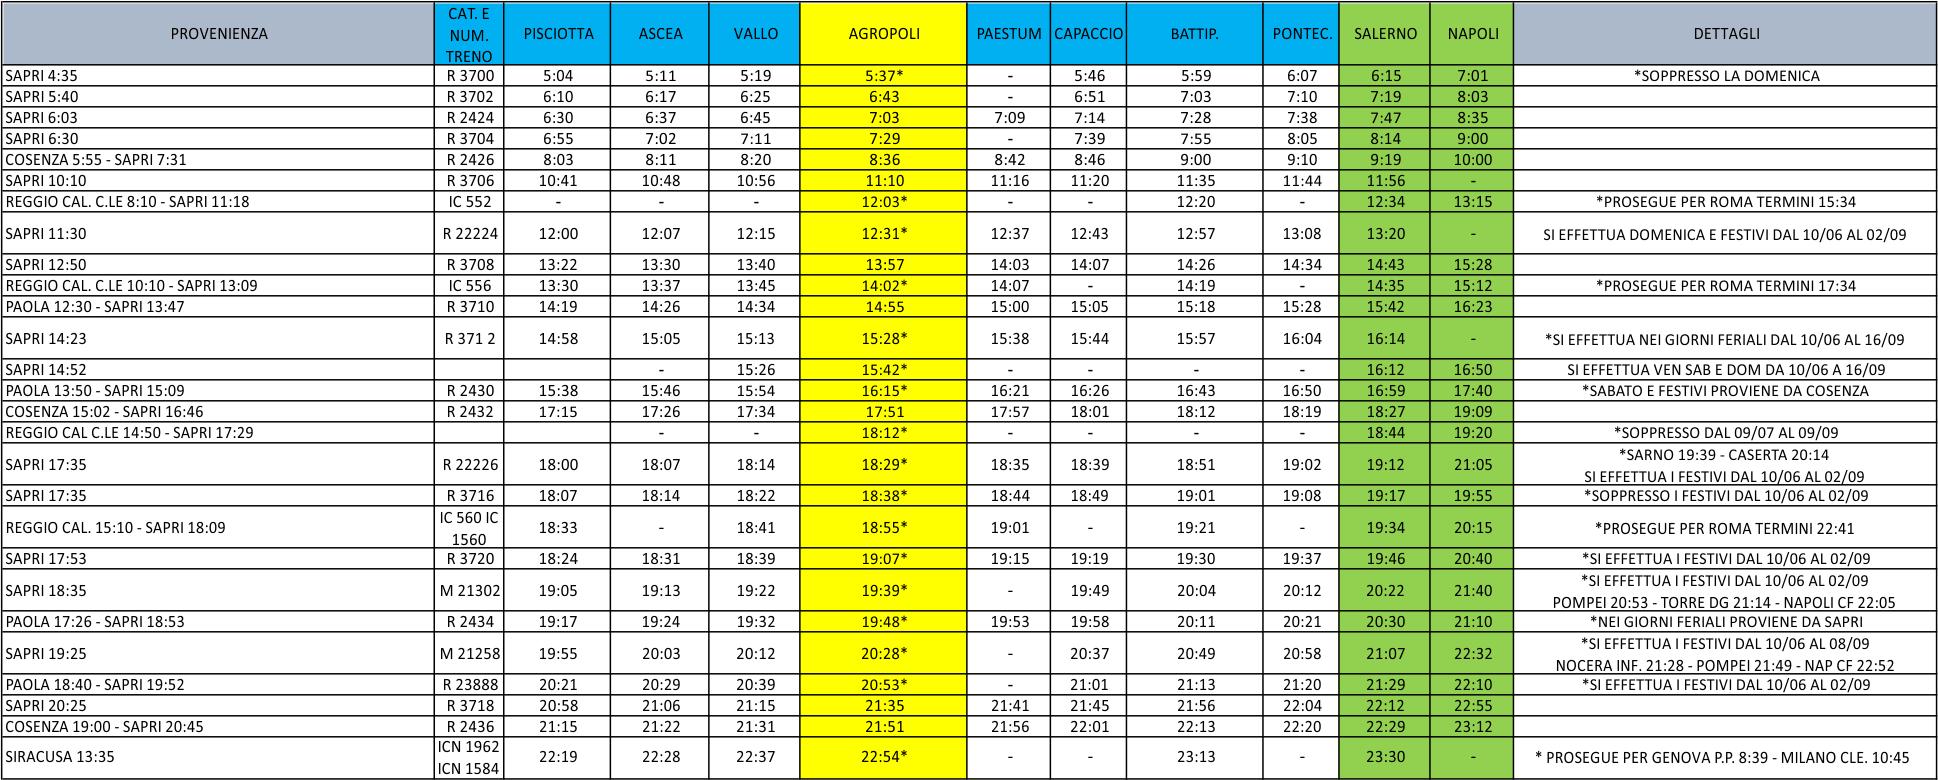 Calendario Napoli Orari.Orario Dei Treni Sapri Paola Agropoli Salerno Napoli